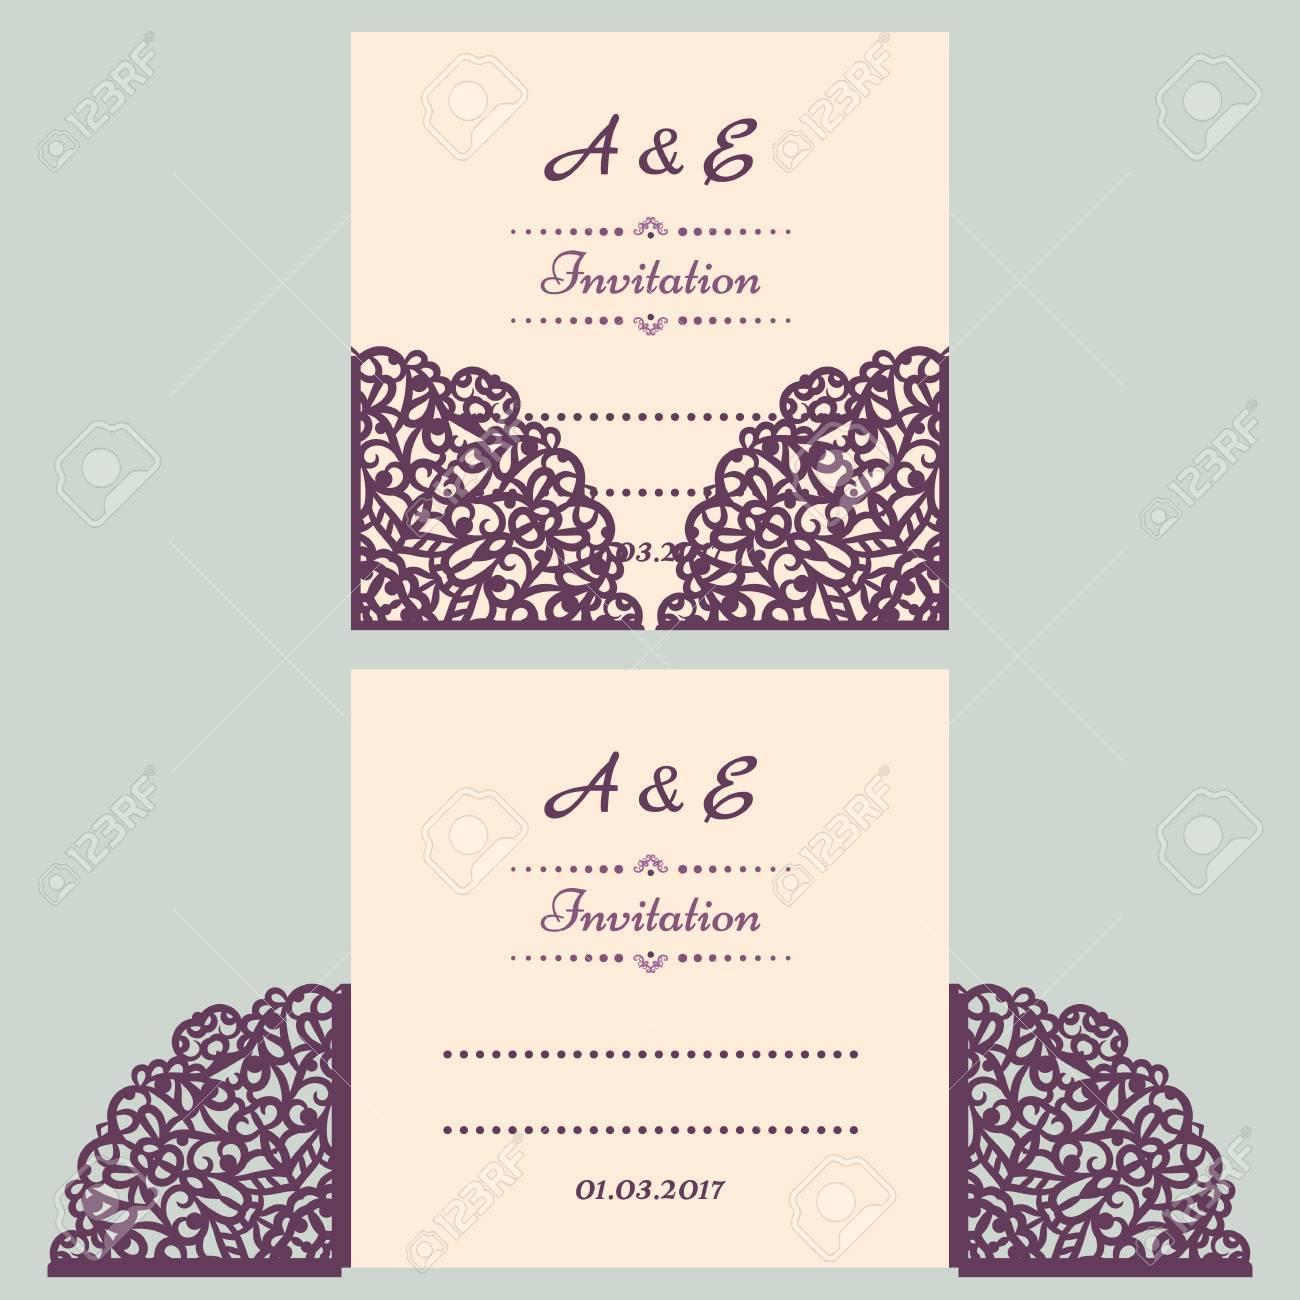 Lazercut Vektor Hochzeitseinladung Vorlage. Einladung Zur Hochzeit Umschlag  Für Das Laserschneiden. Lace Tor Folds